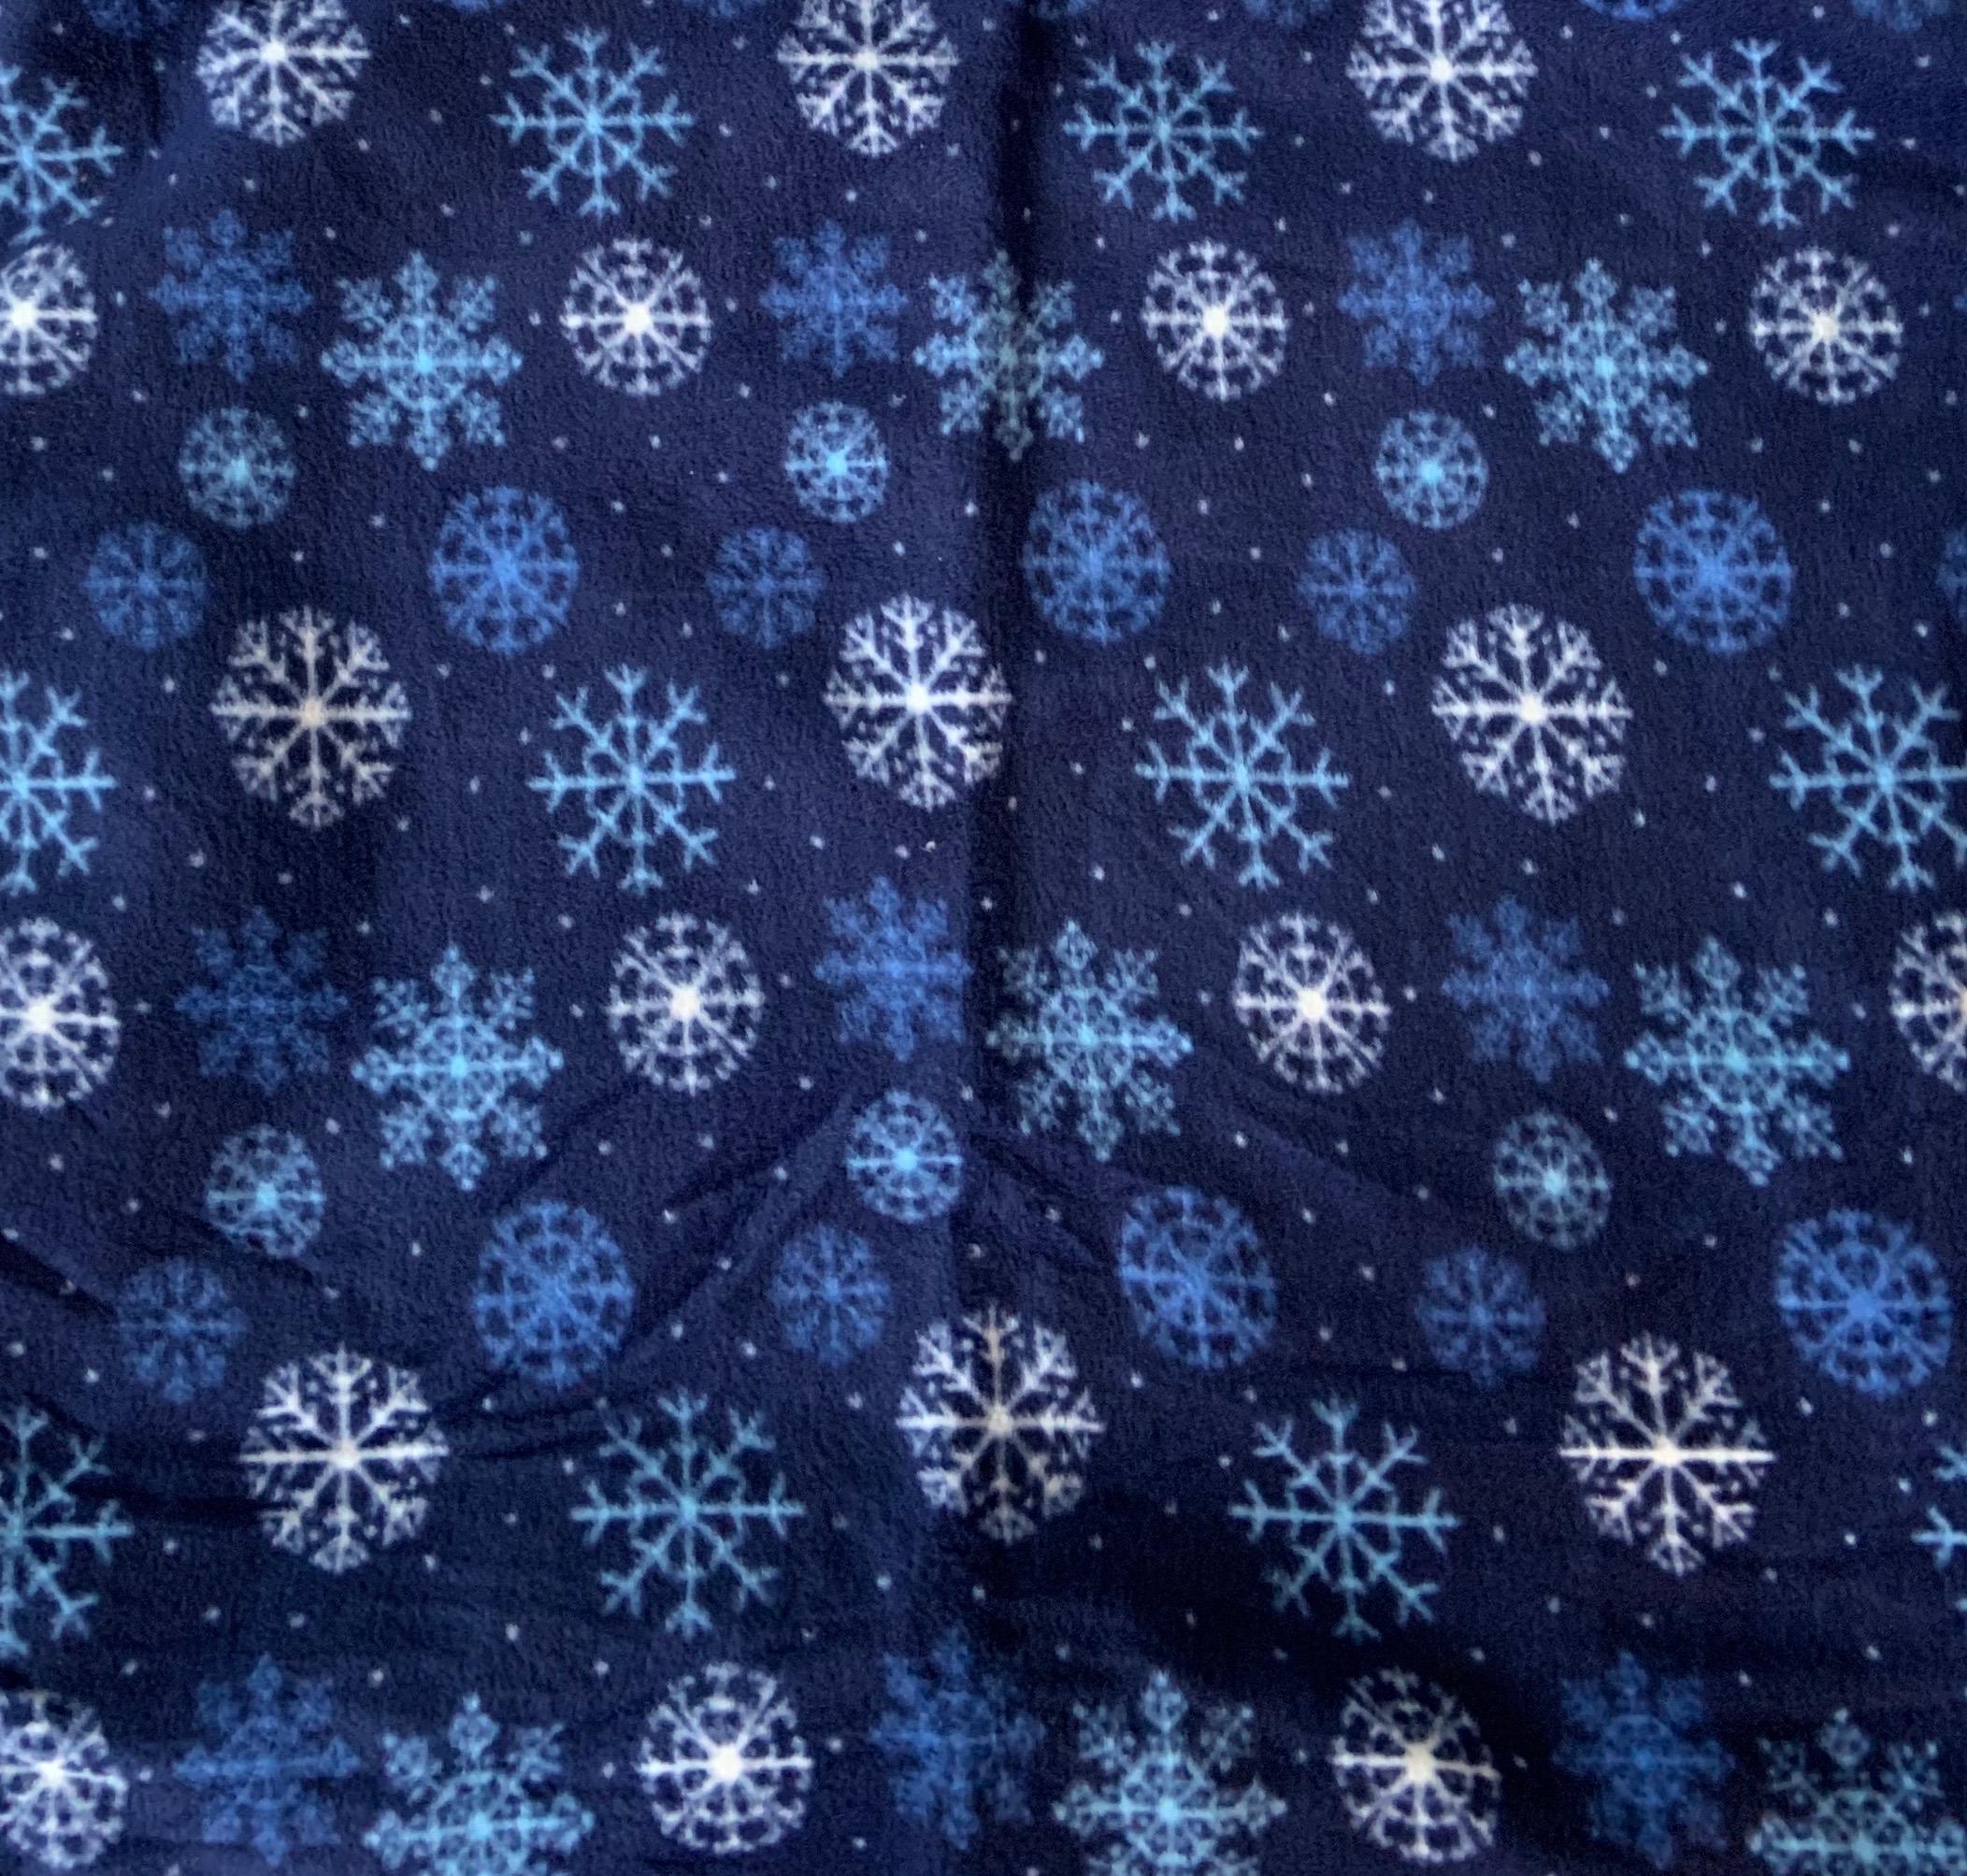 Blanket #00067